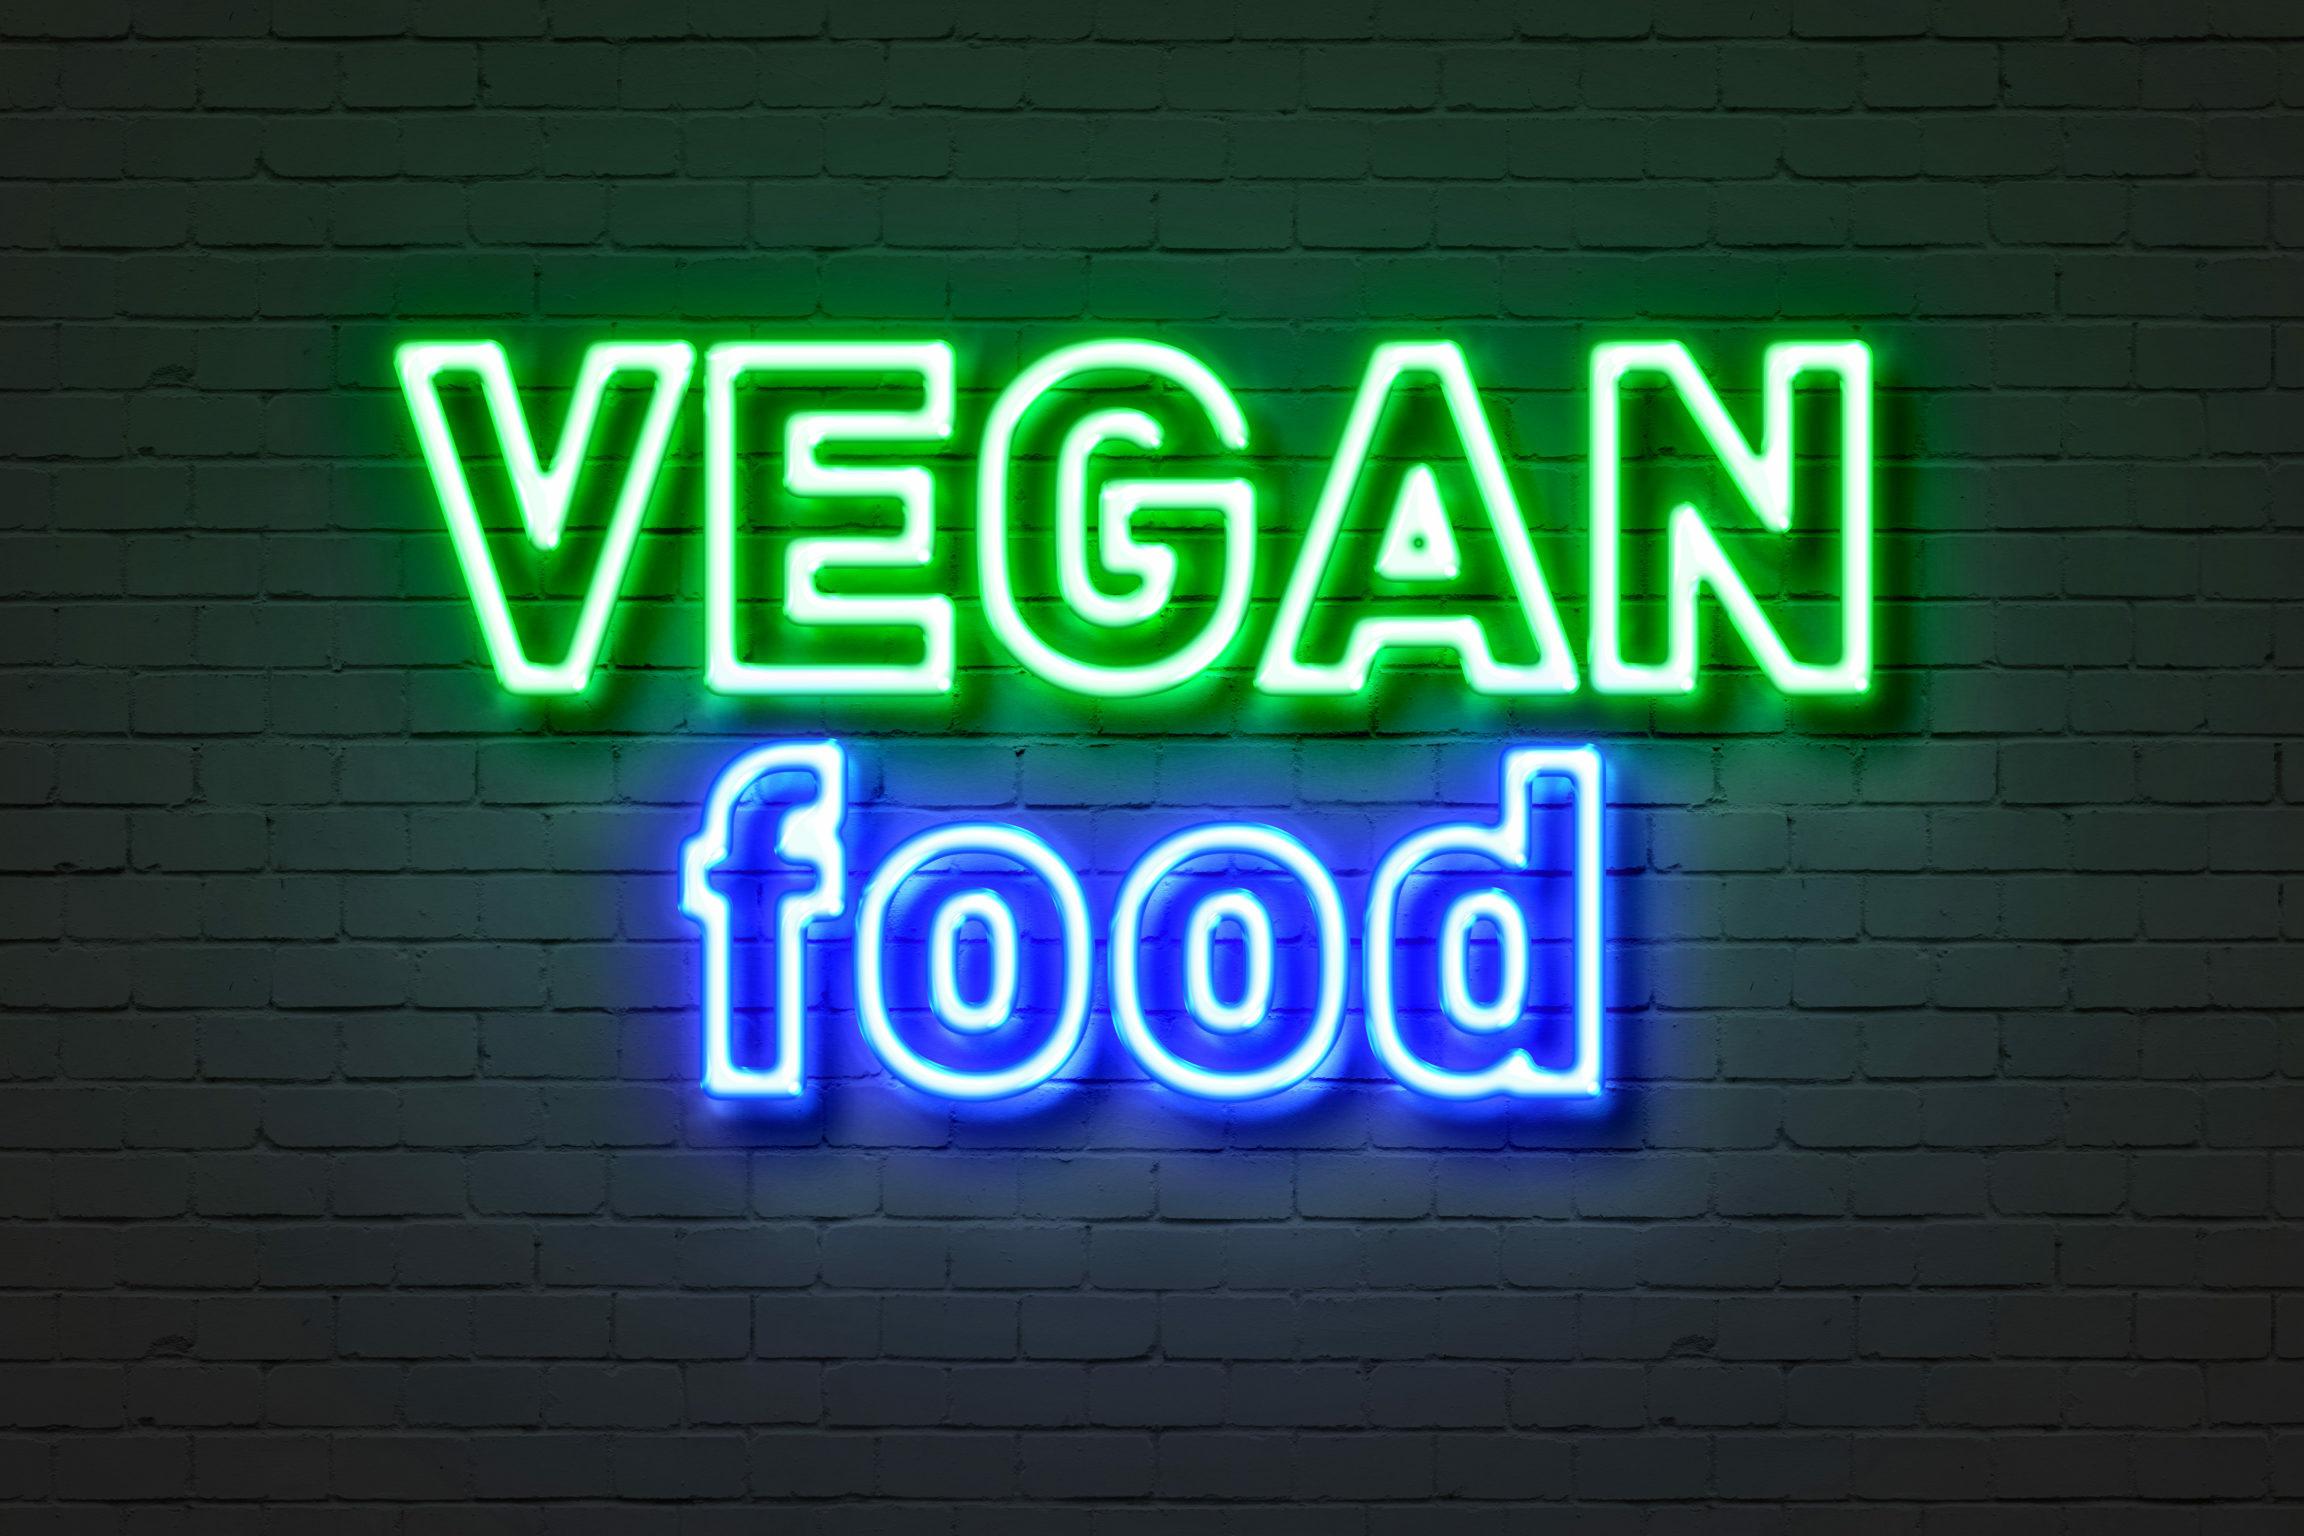 Vegan: Neonschild mit Aufschrift Vegan food auf einer Ziegelsteinwand